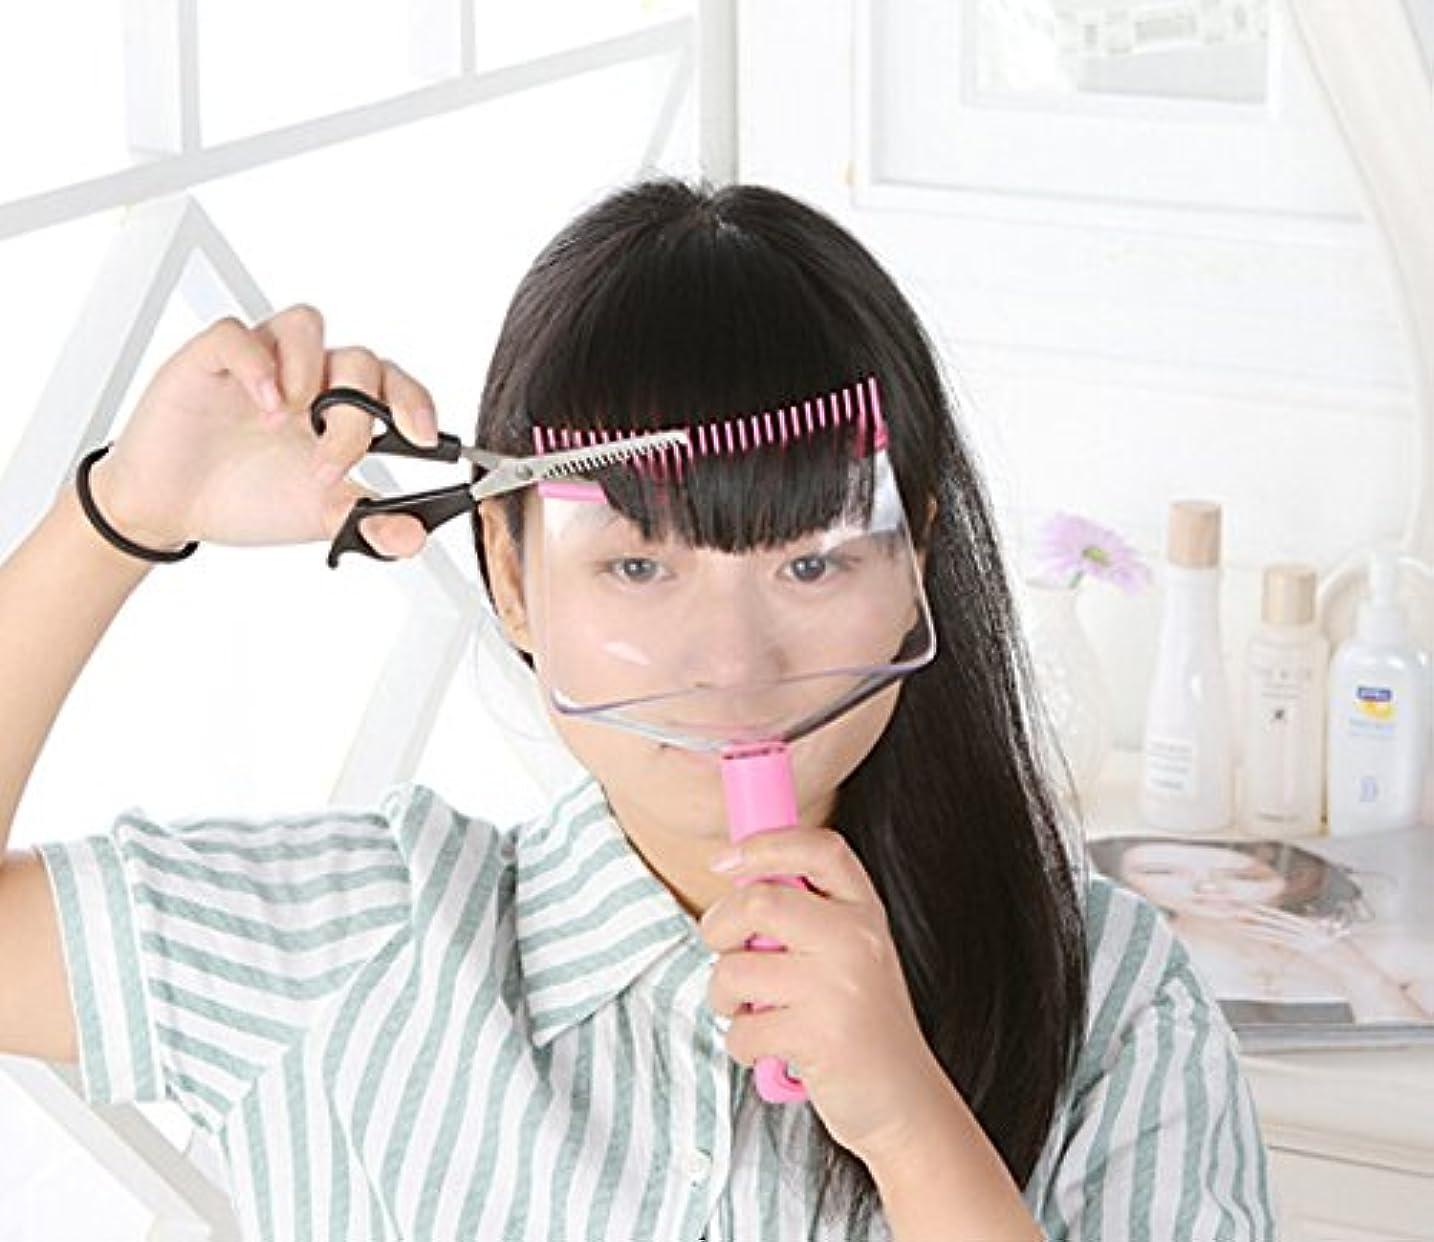 渇き買収学生まえがみカットサポーター 自宅で美容室 散髪 セルフカット